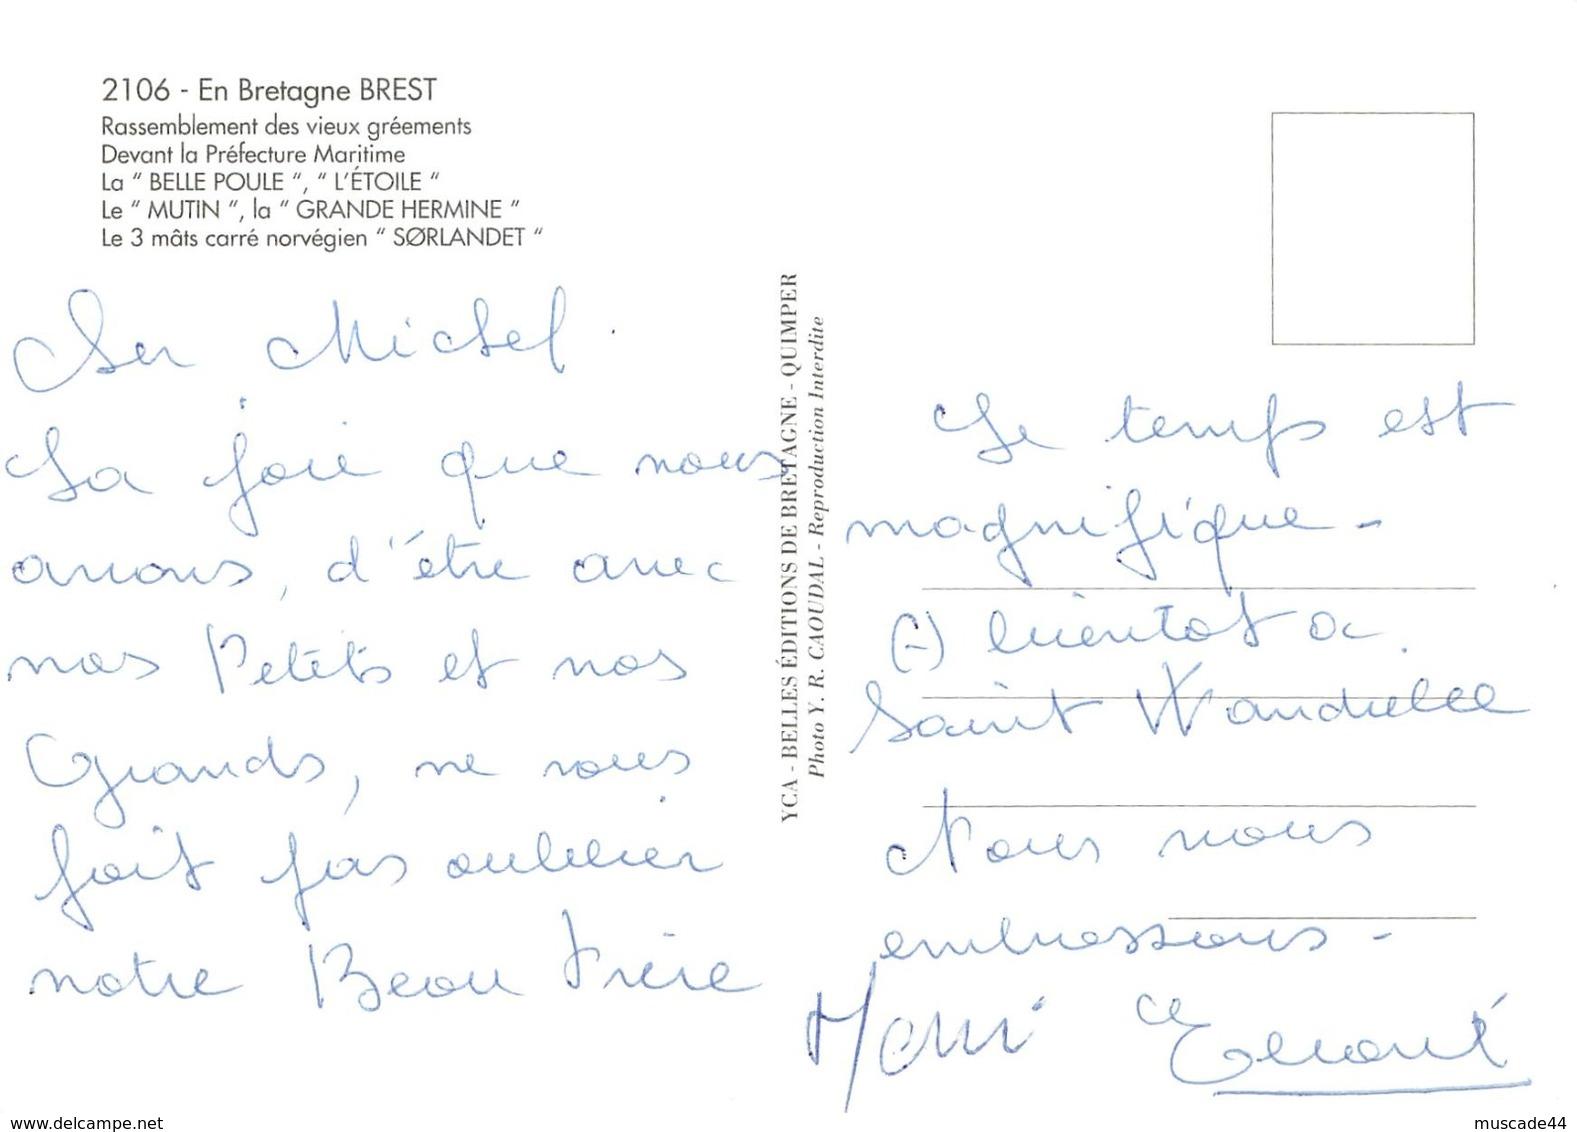 BREST - RASSEMBLEMENT DES VIEUX GREEMENTS - Brest